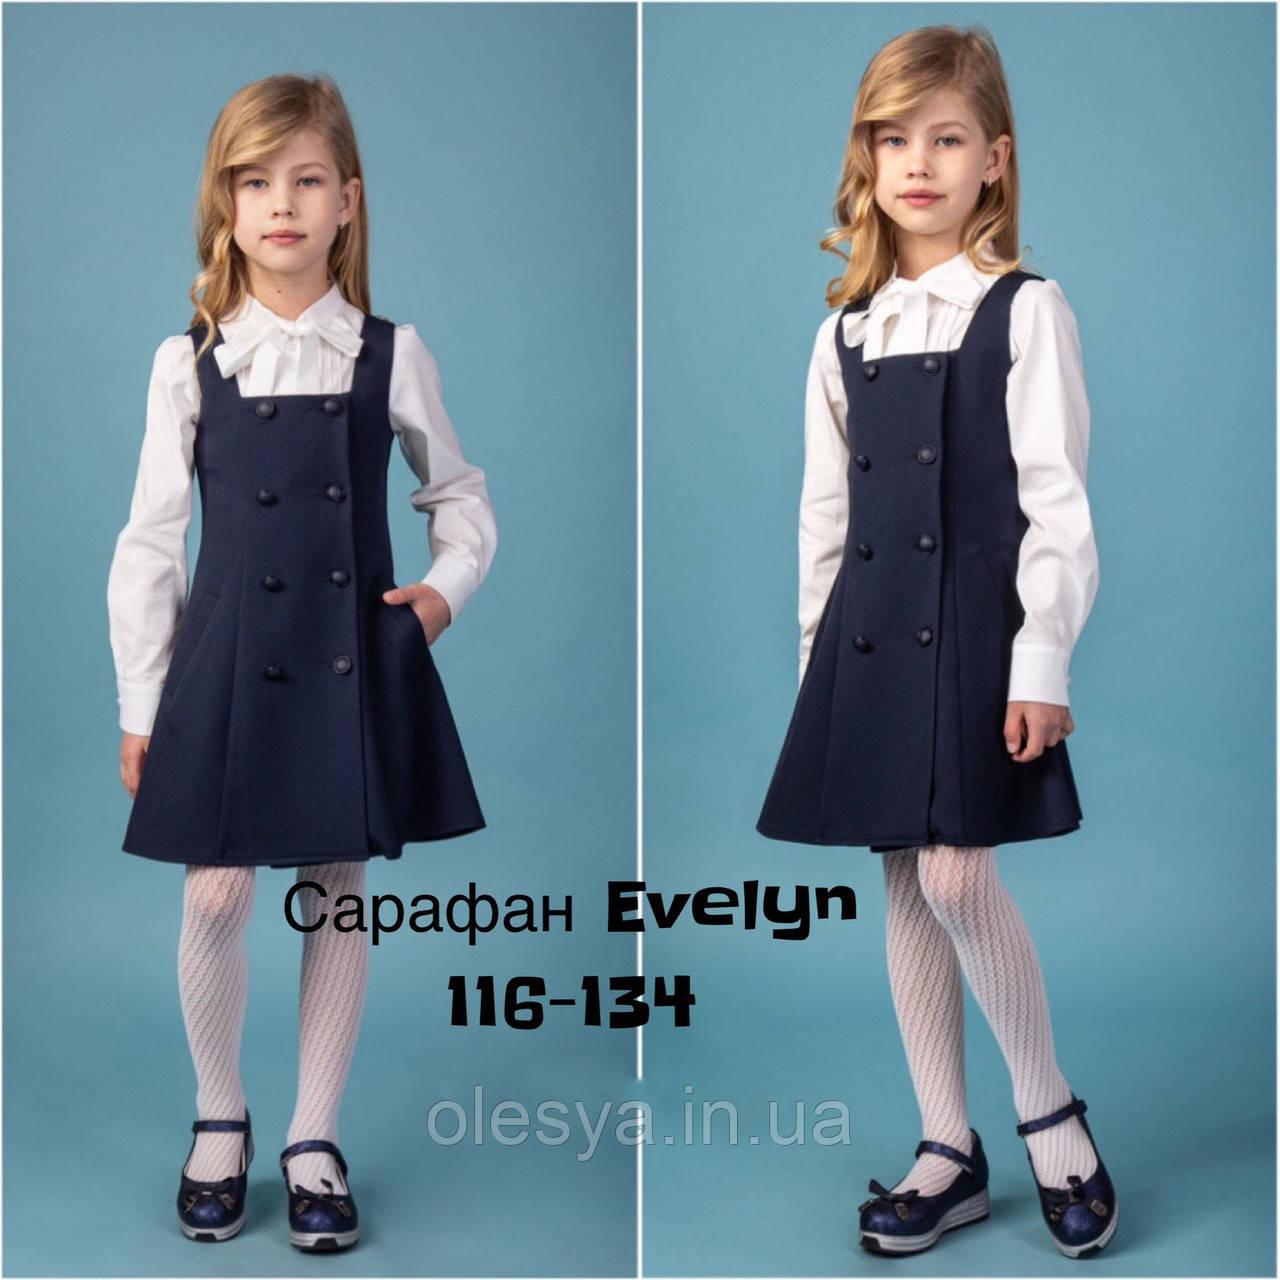 Школьный сарафан Эвелин тм BriLliant для девочек размеры 116- 134 Цвет синий